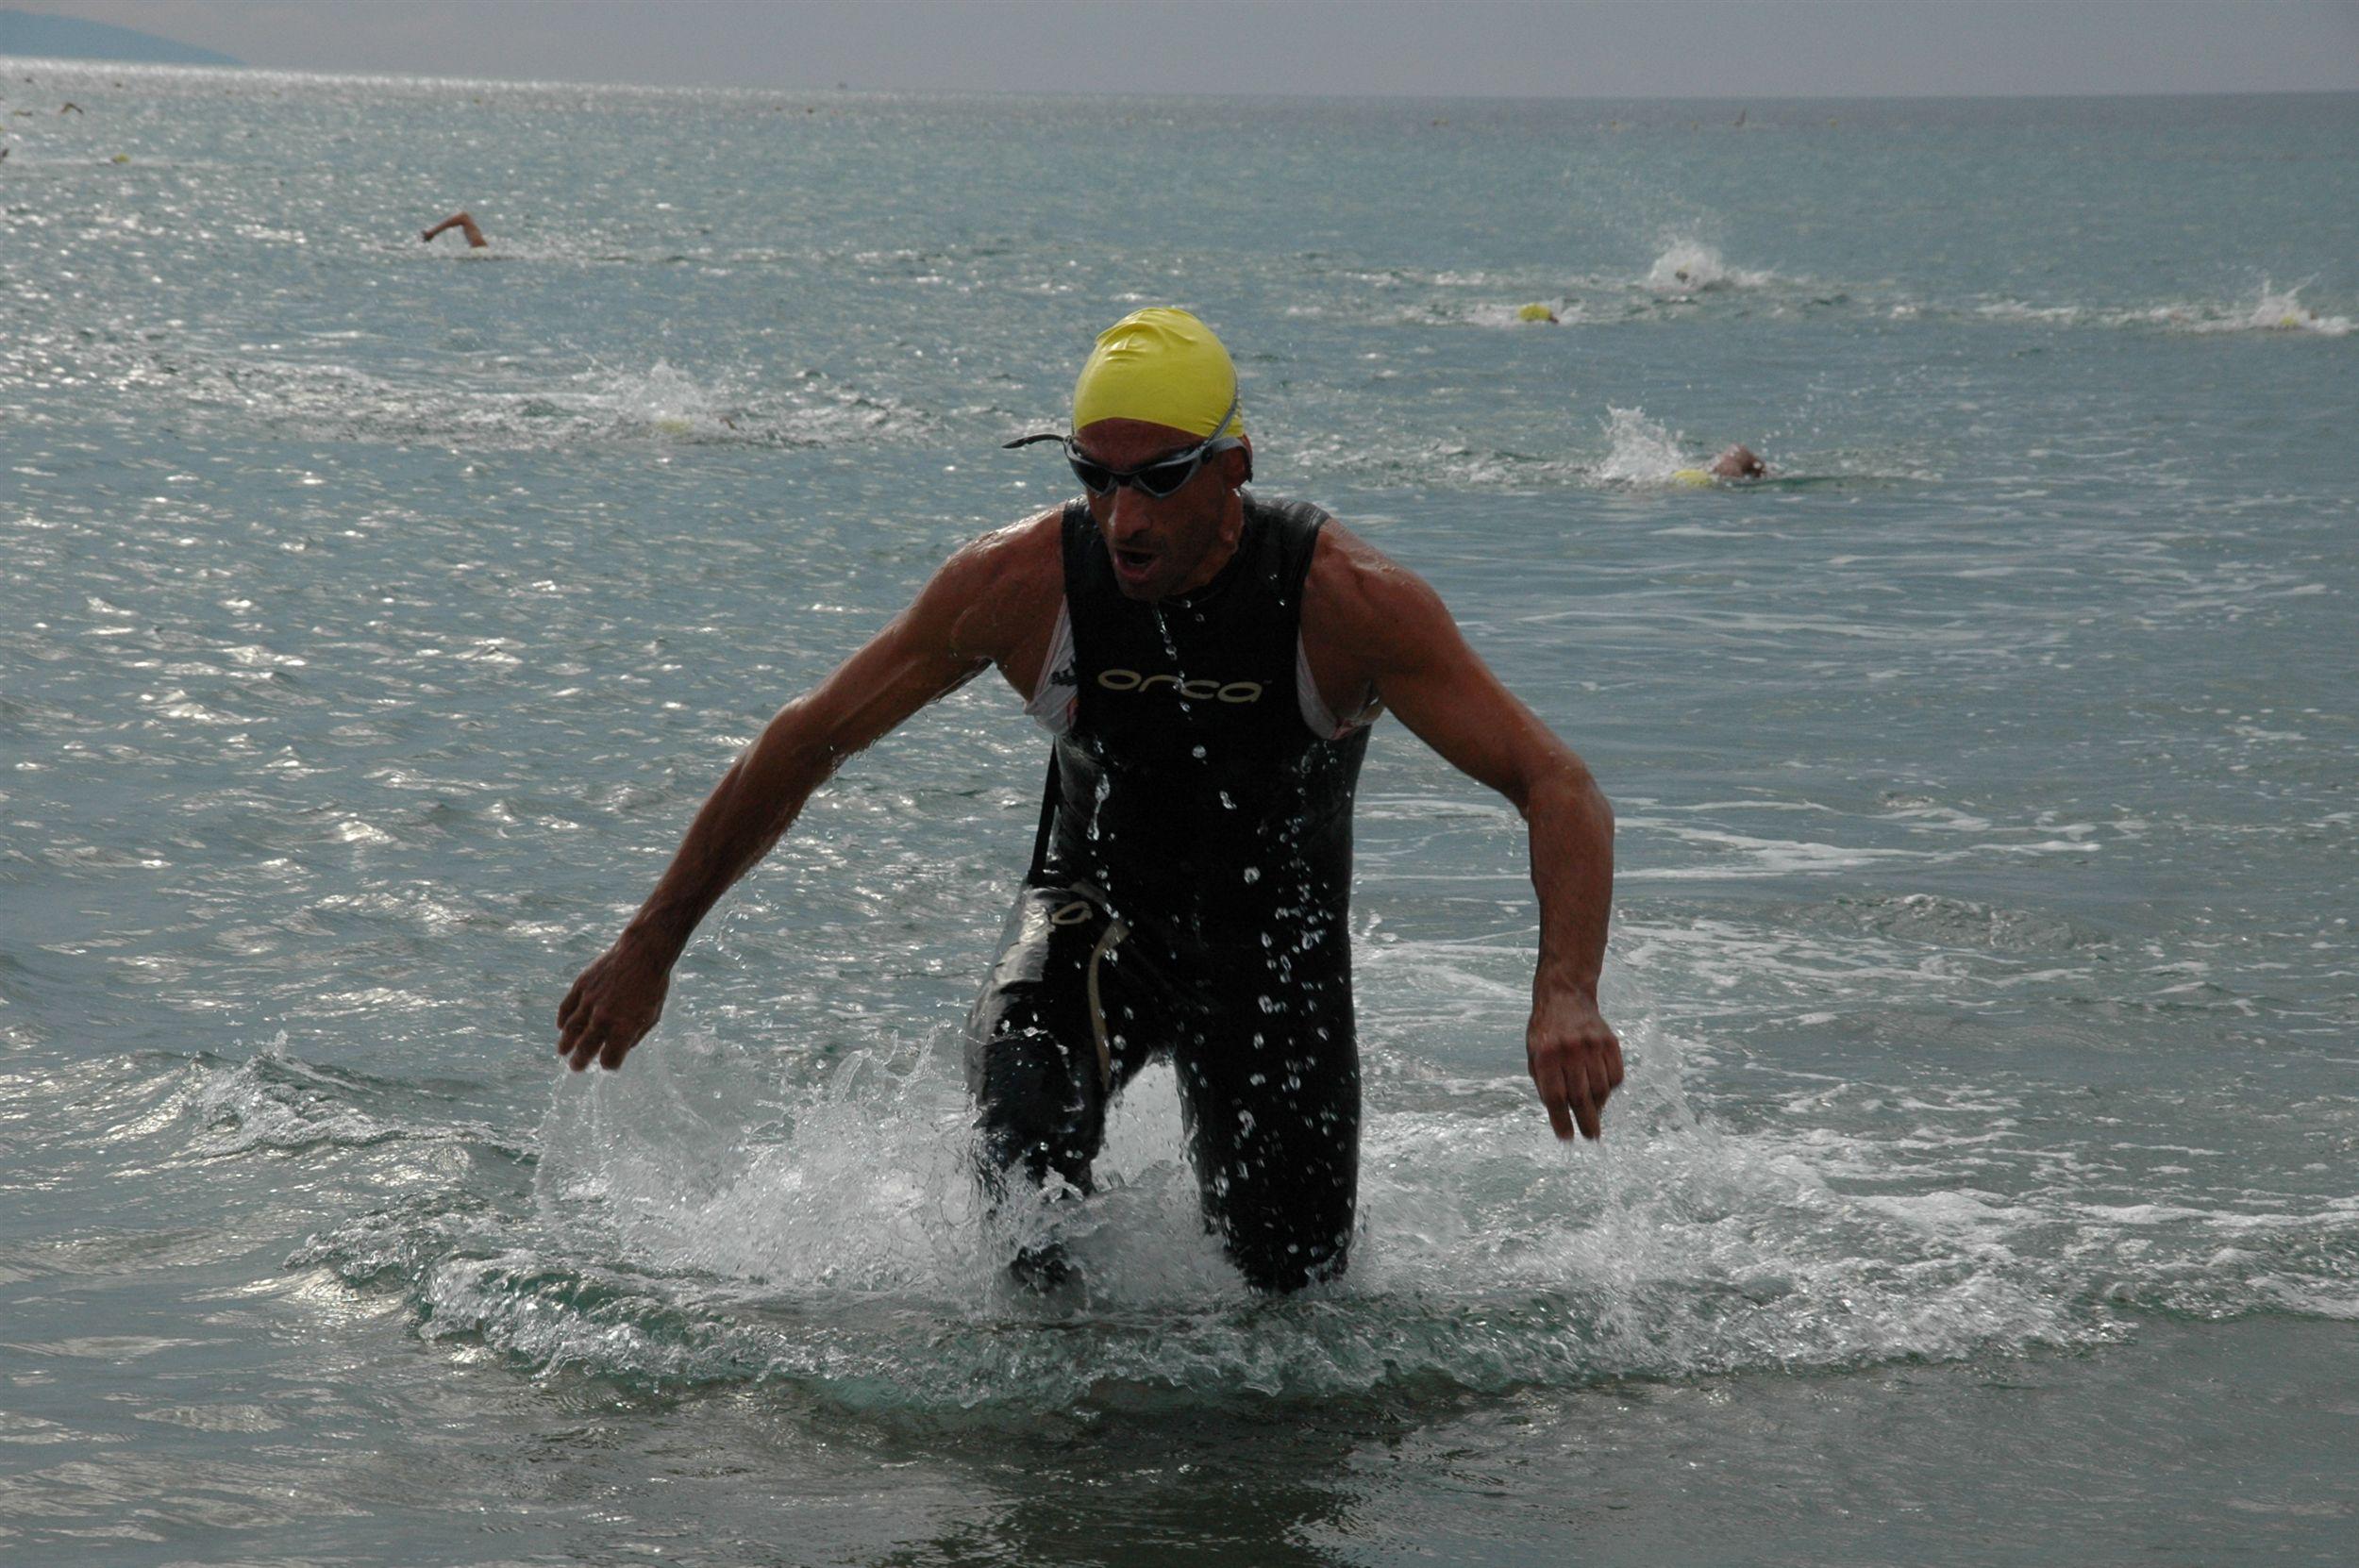 Προπόνηση Κολύμβησης για Τριαθλητές: Βελτιώνοντας την ευλυγισία στους αστραγάλους.